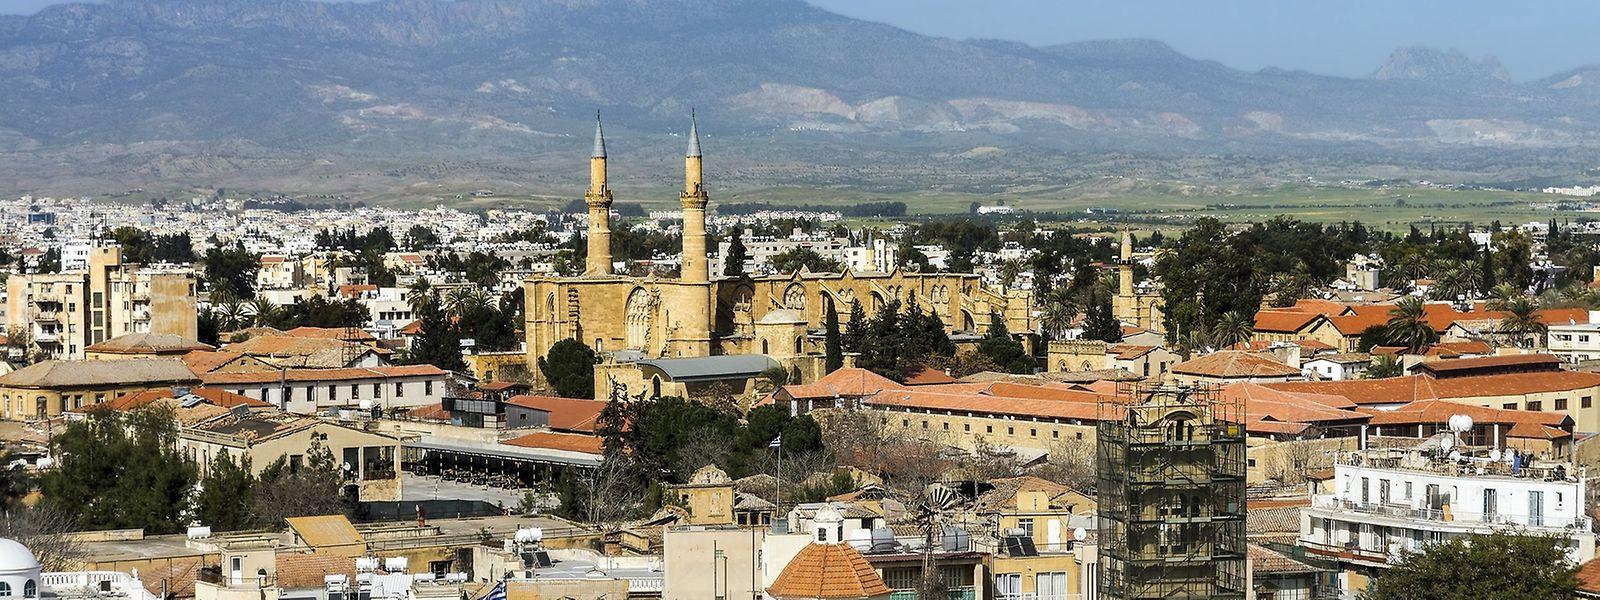 Noch ist die zyprische Hauptstadt Nikosia getrennt.